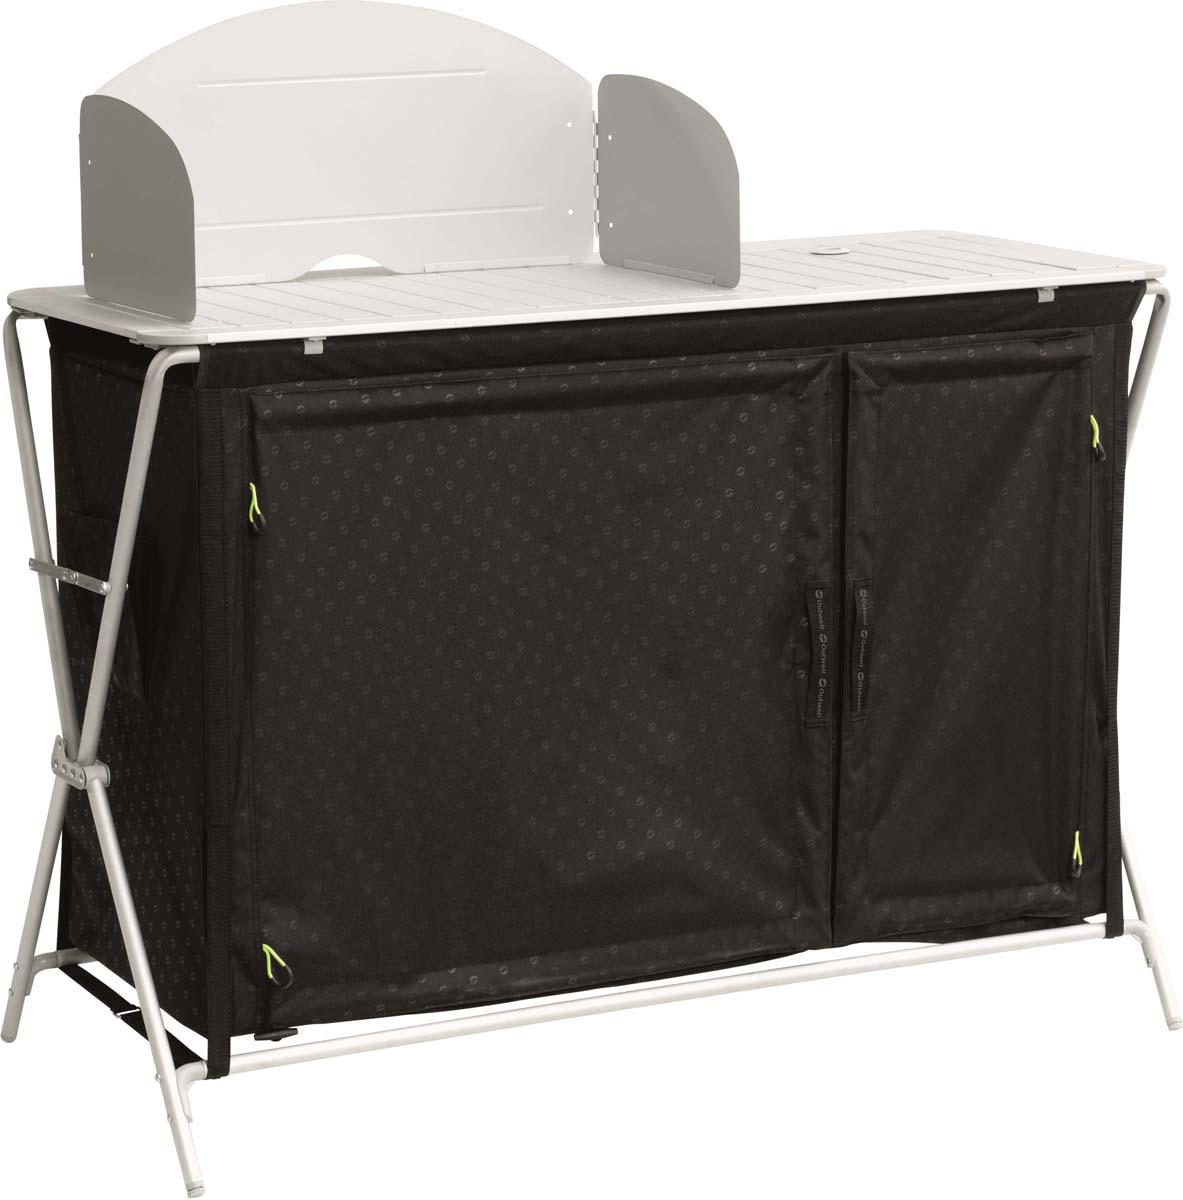 """Стол Outwell """"Richmond Kitchen Table"""" для кемпинговой кухни с жесткими дверцами, ветрозащитным экраном и двумя закрывающимися полками.- Жесткая дверца с ручкой, как в домашней мебели- Дверцы закрываются при помощи магнитов- Если дверцы не нужны, их можно свернуть- Складная раковина- Изолированный отсек подходит для хранения газовых картриджей- Прочный алюминиевый каркас- Ветрозащитный экран- Ножки можно раздельно регулировать по высоте- Компактный в сложенном виде- Органайзер- Две полностью закрывающиеся полки- Устанавливается и складывается за секунды- Сборка не требуется- Сумка для хранения и перевозки"""